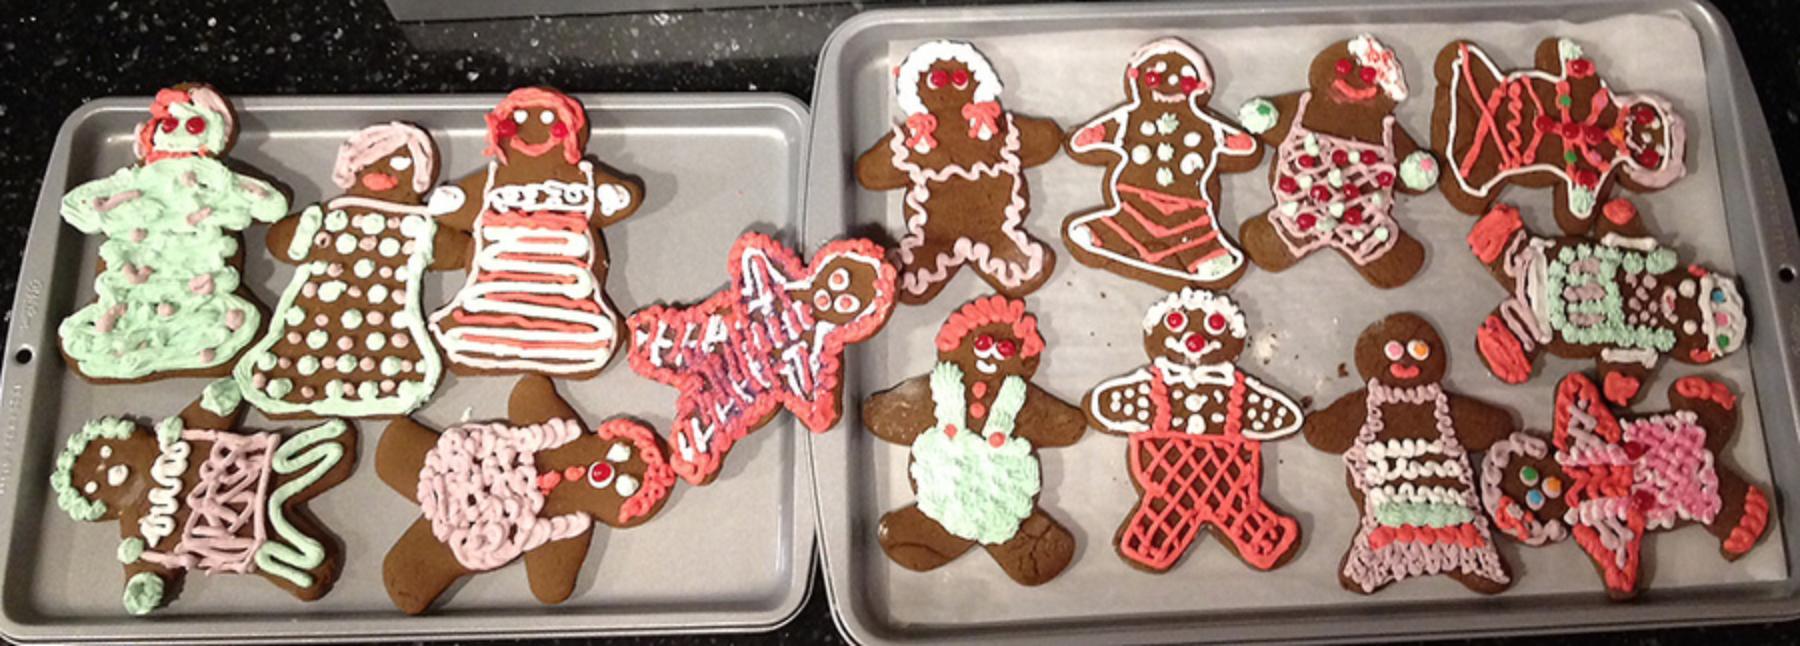 Gingerbreadmen evan I-150x150